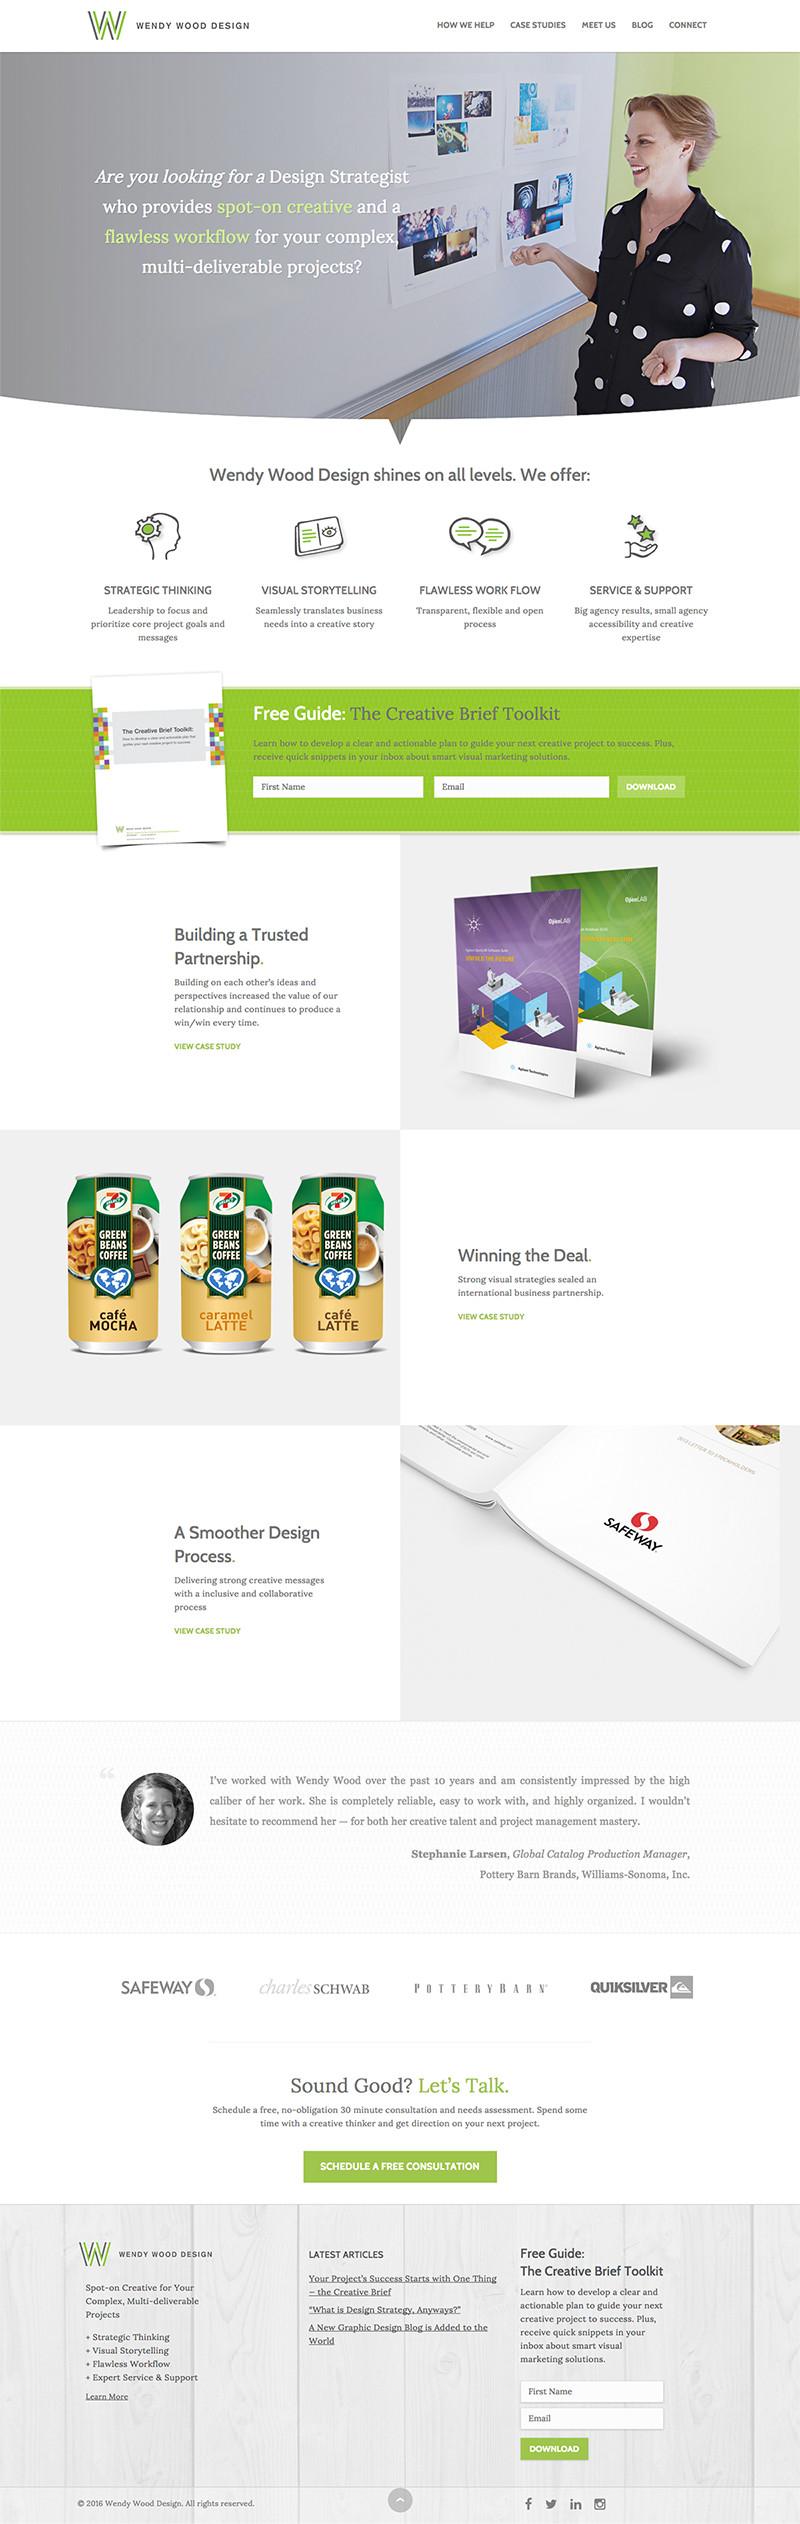 designer-portfolio-website-design4